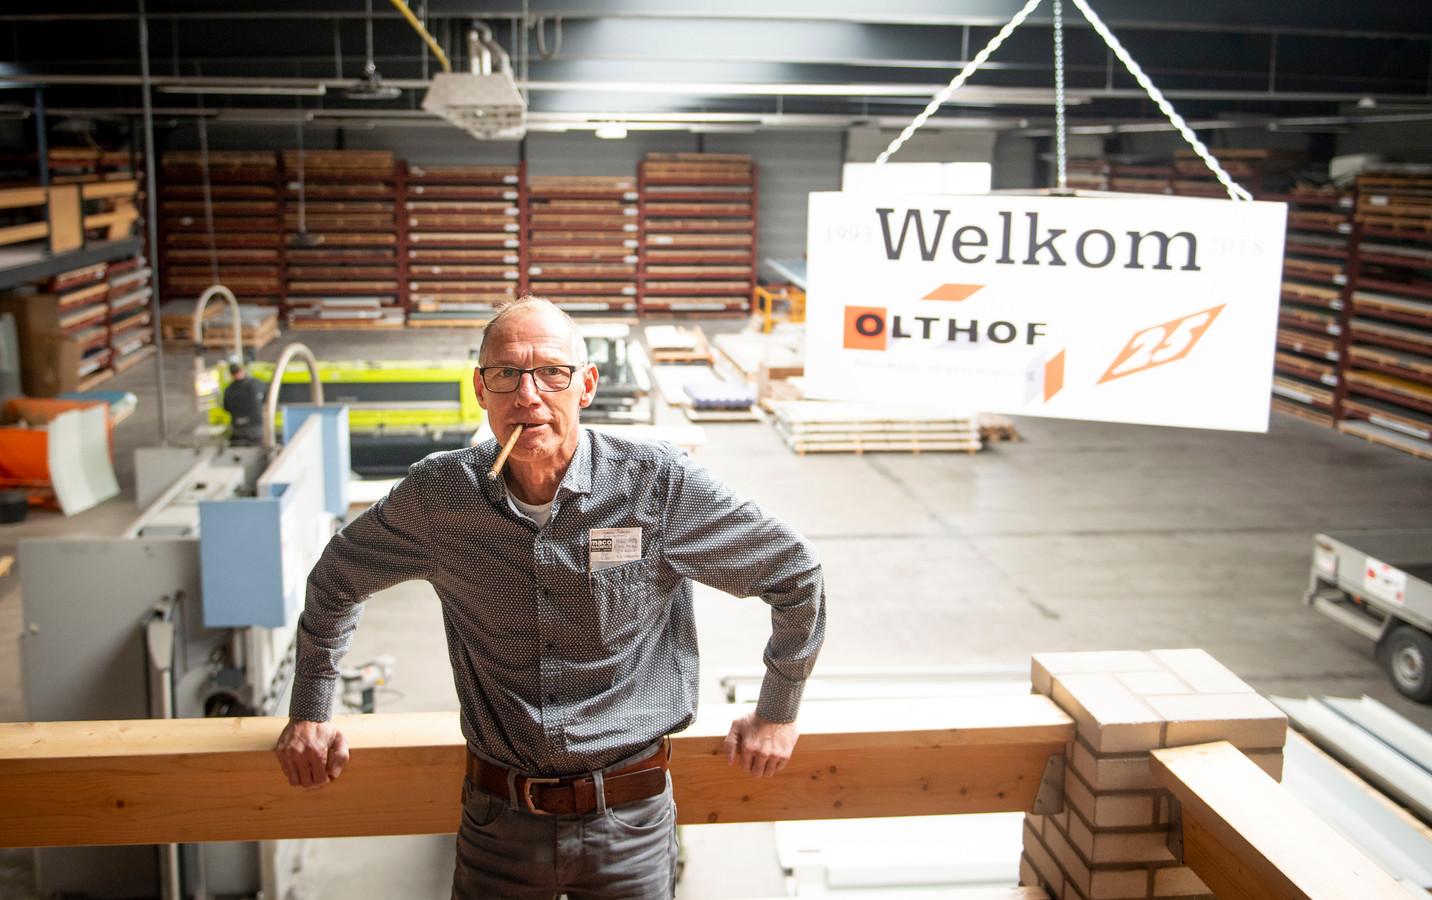 De markante Hellendoornse ondernemer Henk Olthof is woensdagavond laat overleden. Hij is 57 jaar geworden.